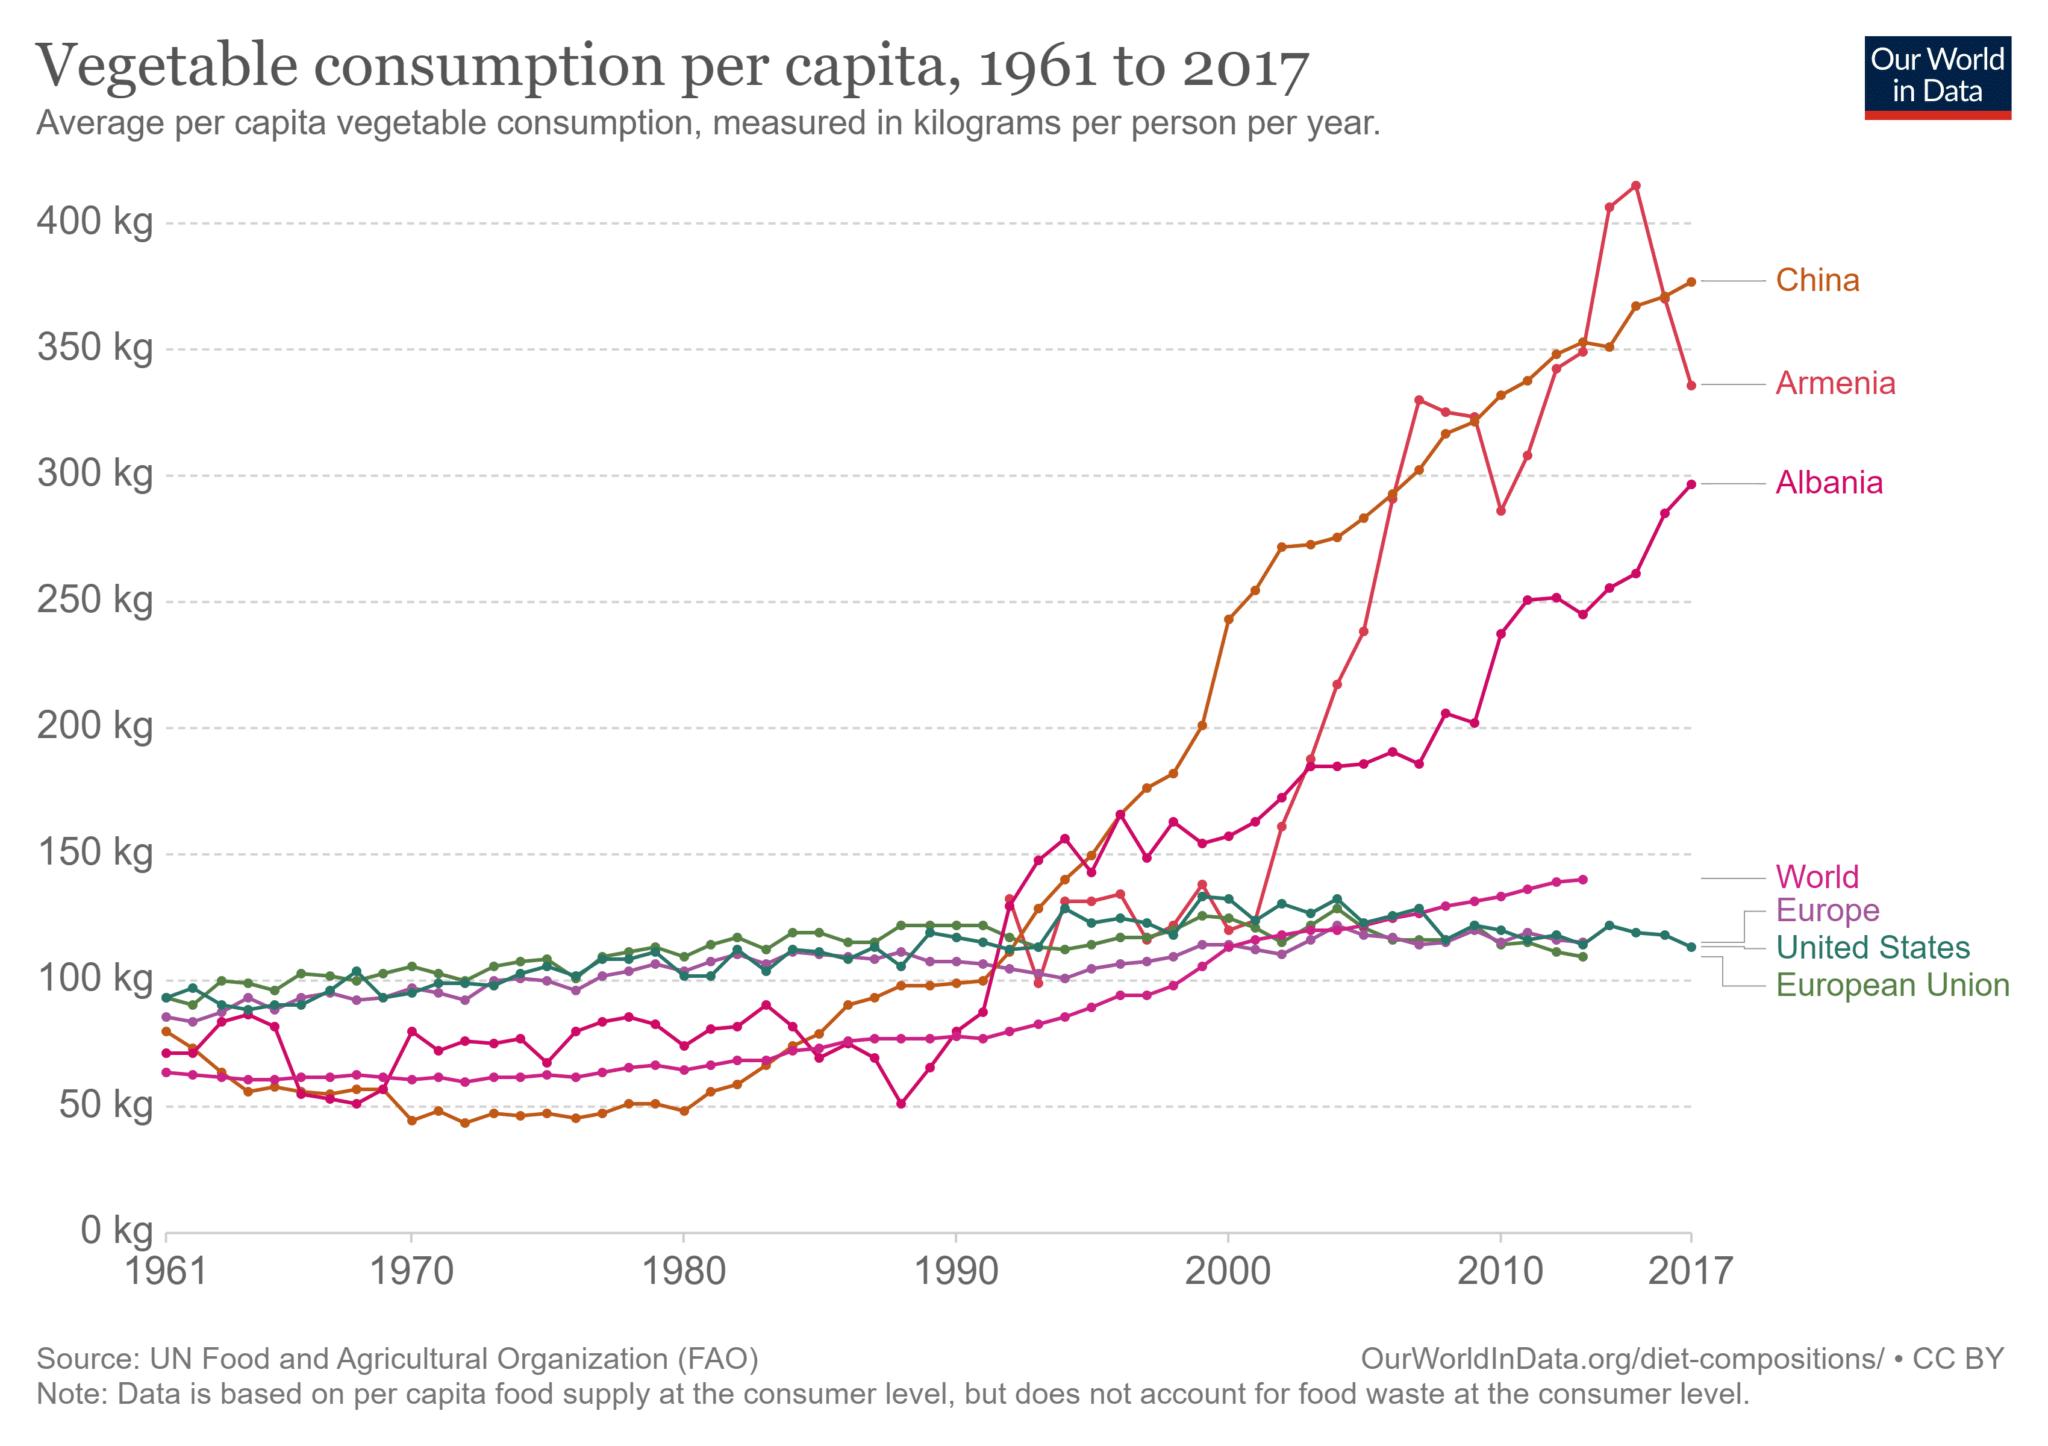 Confronto tra Europa, US, UE, Mondo e i maggiori consumatori